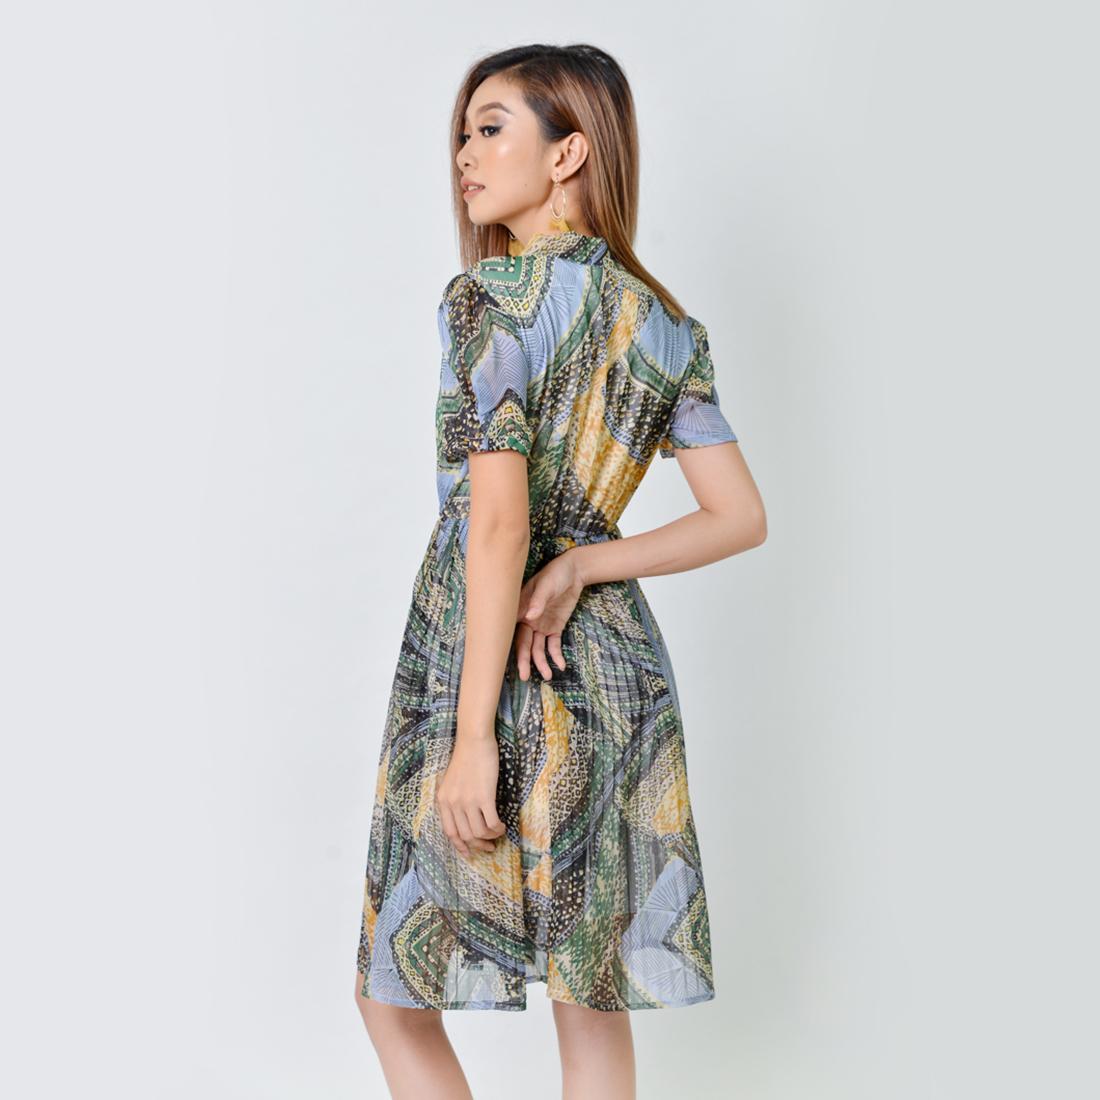 Đầm Xòe Thời Trang Eden Dập Li Họa Tiết - D357 - Màu Xanh vàng